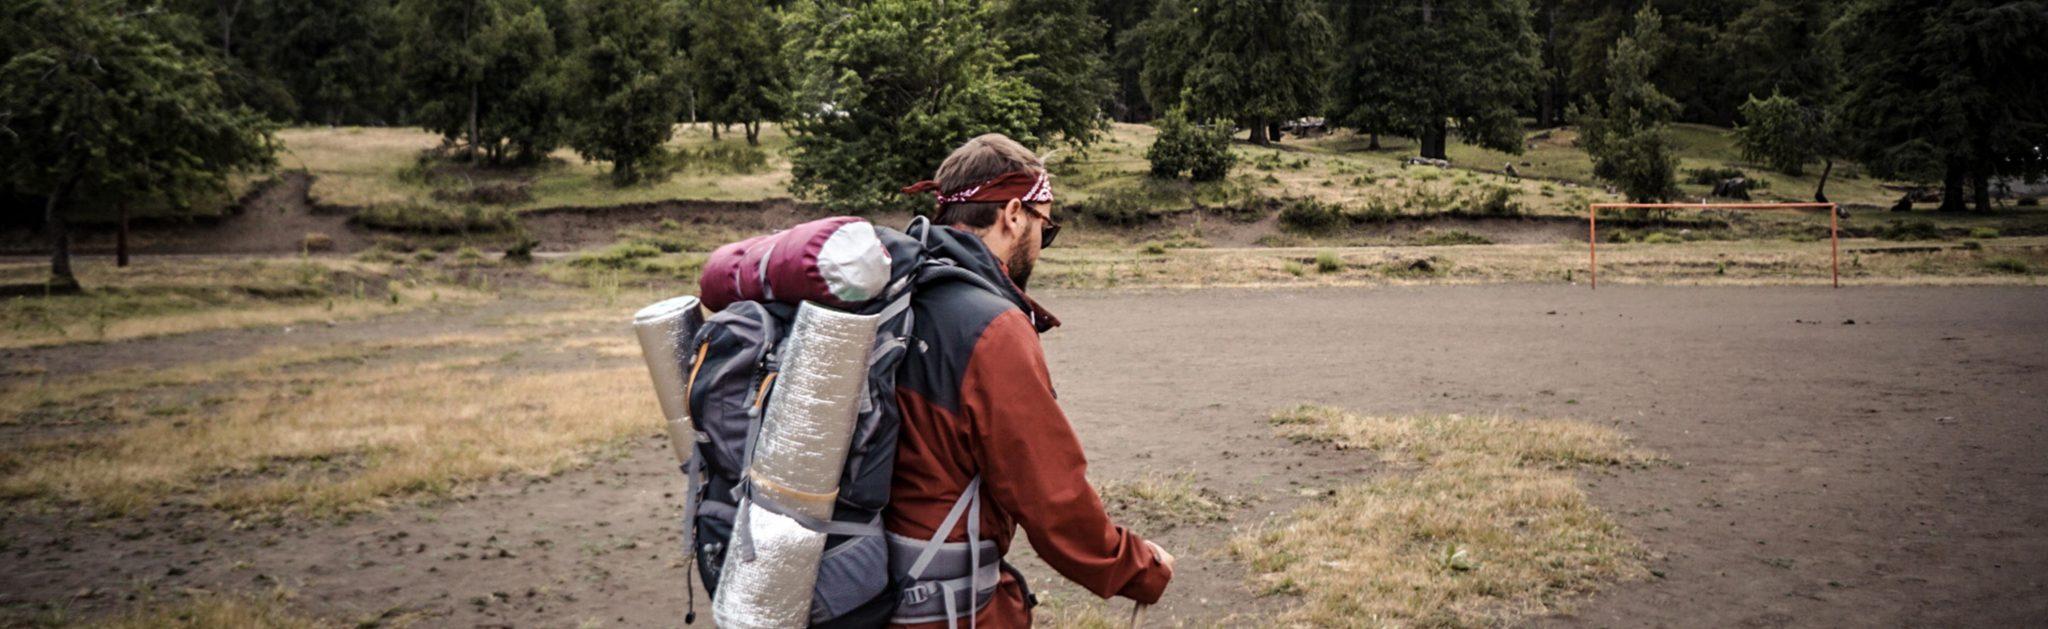 ¿Cómo viajar por Sudamérica de mochilero?